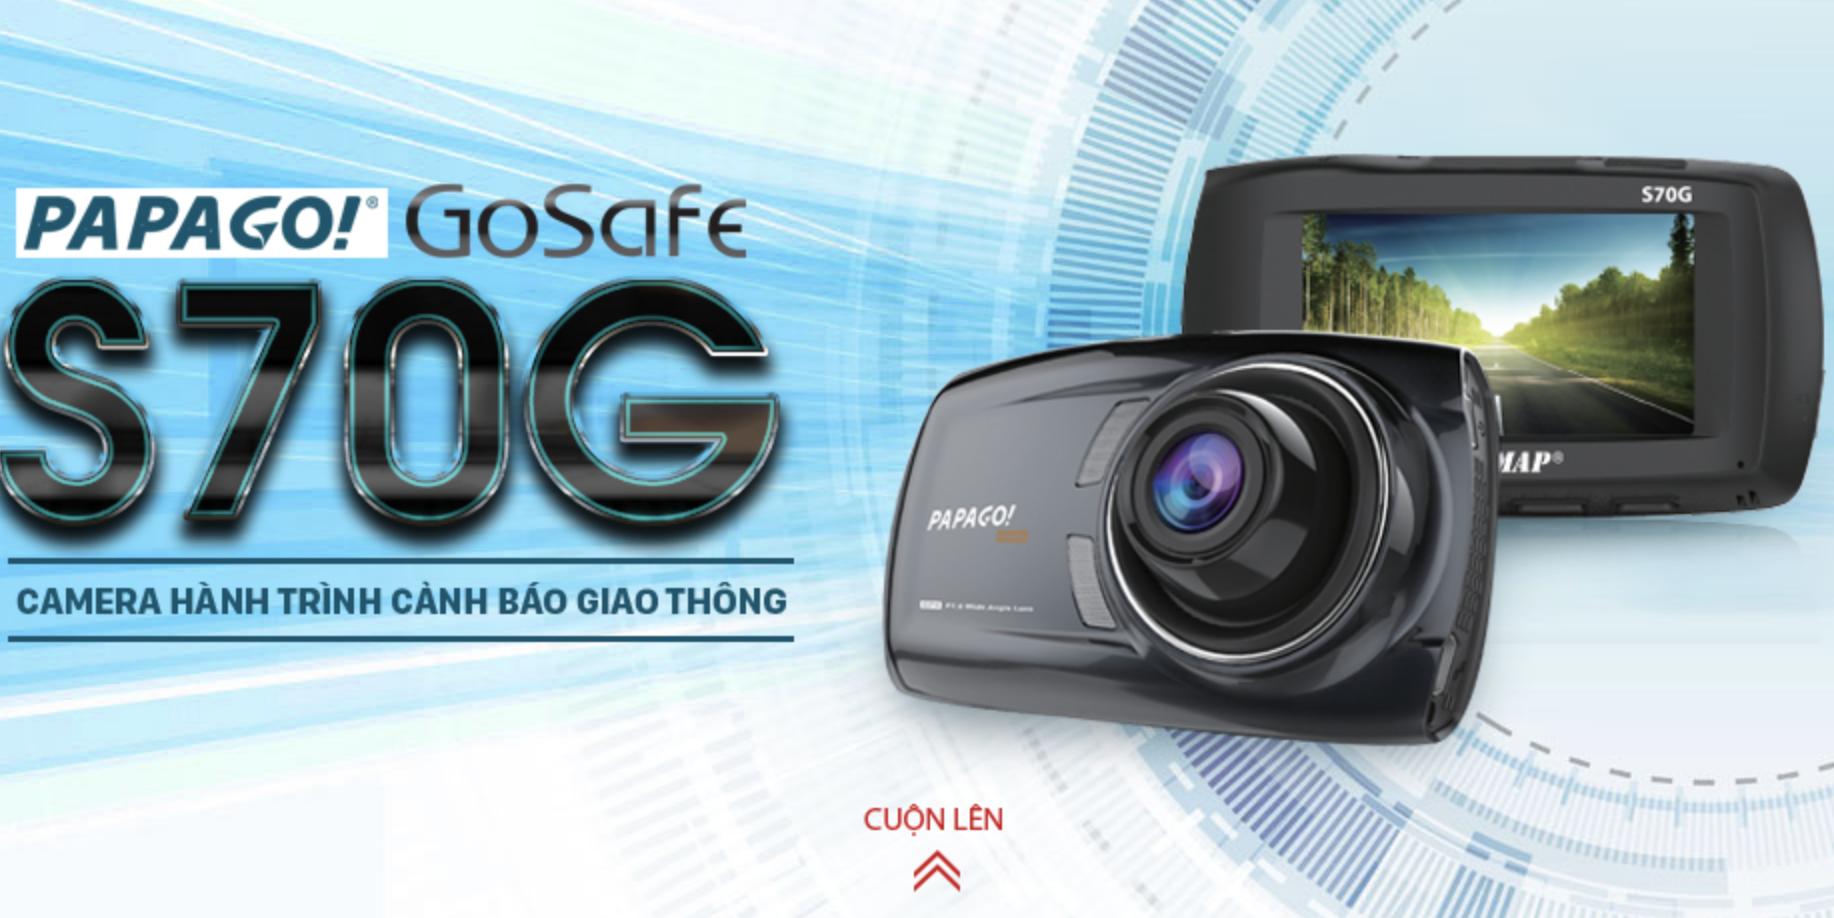 Camera hành trình Vietmap Gosafe S70G Cảm biến Sony - Cảnh báo giao thông giọng nói-99